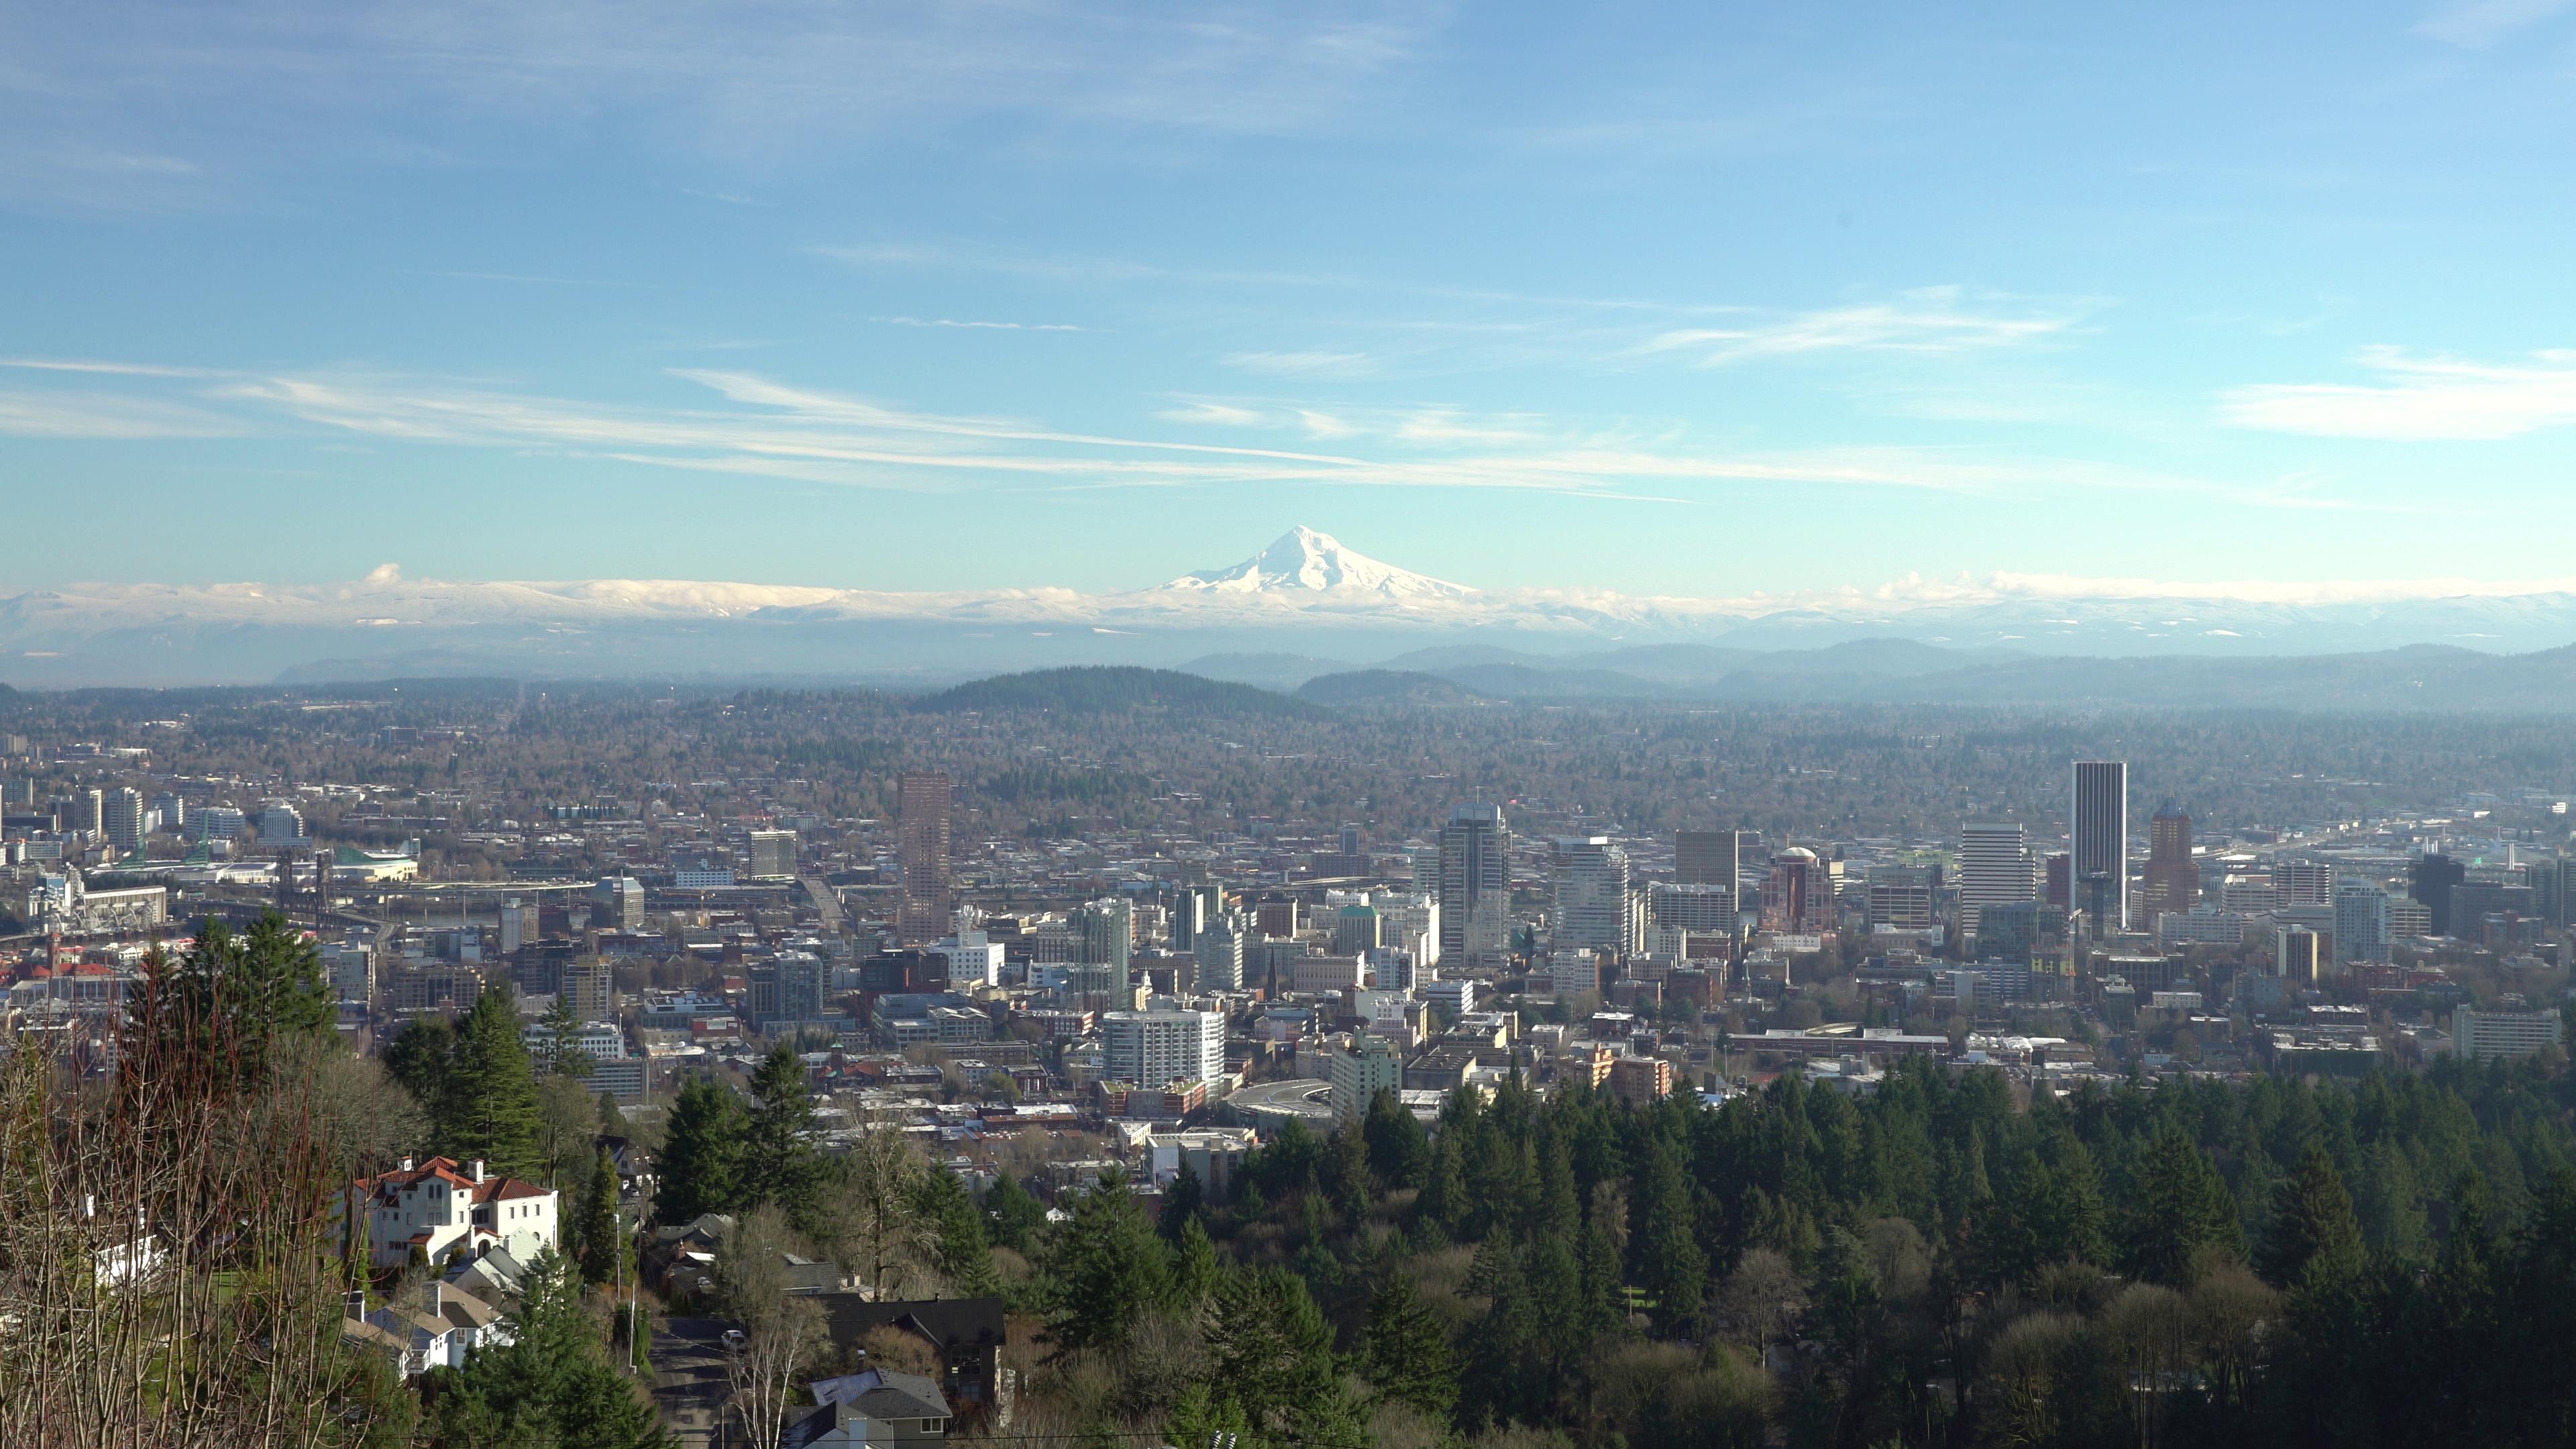 Nuevos datos revelan Oregon opioides epidemia aún extrema en las zonas rurales de los condados de - kgw.com 1